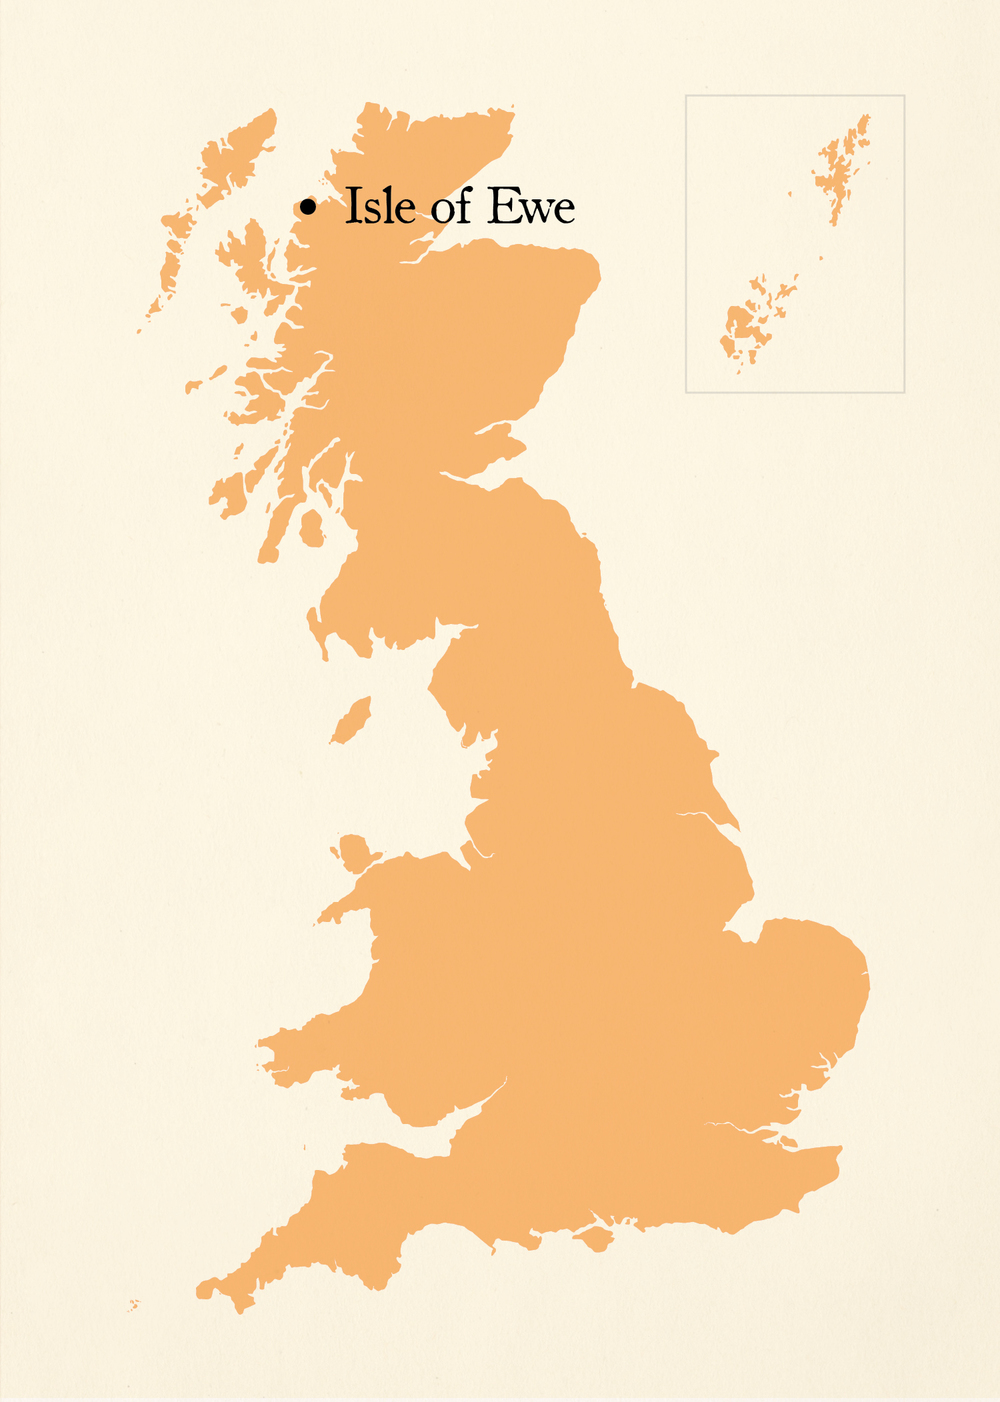 Isle of Ewe